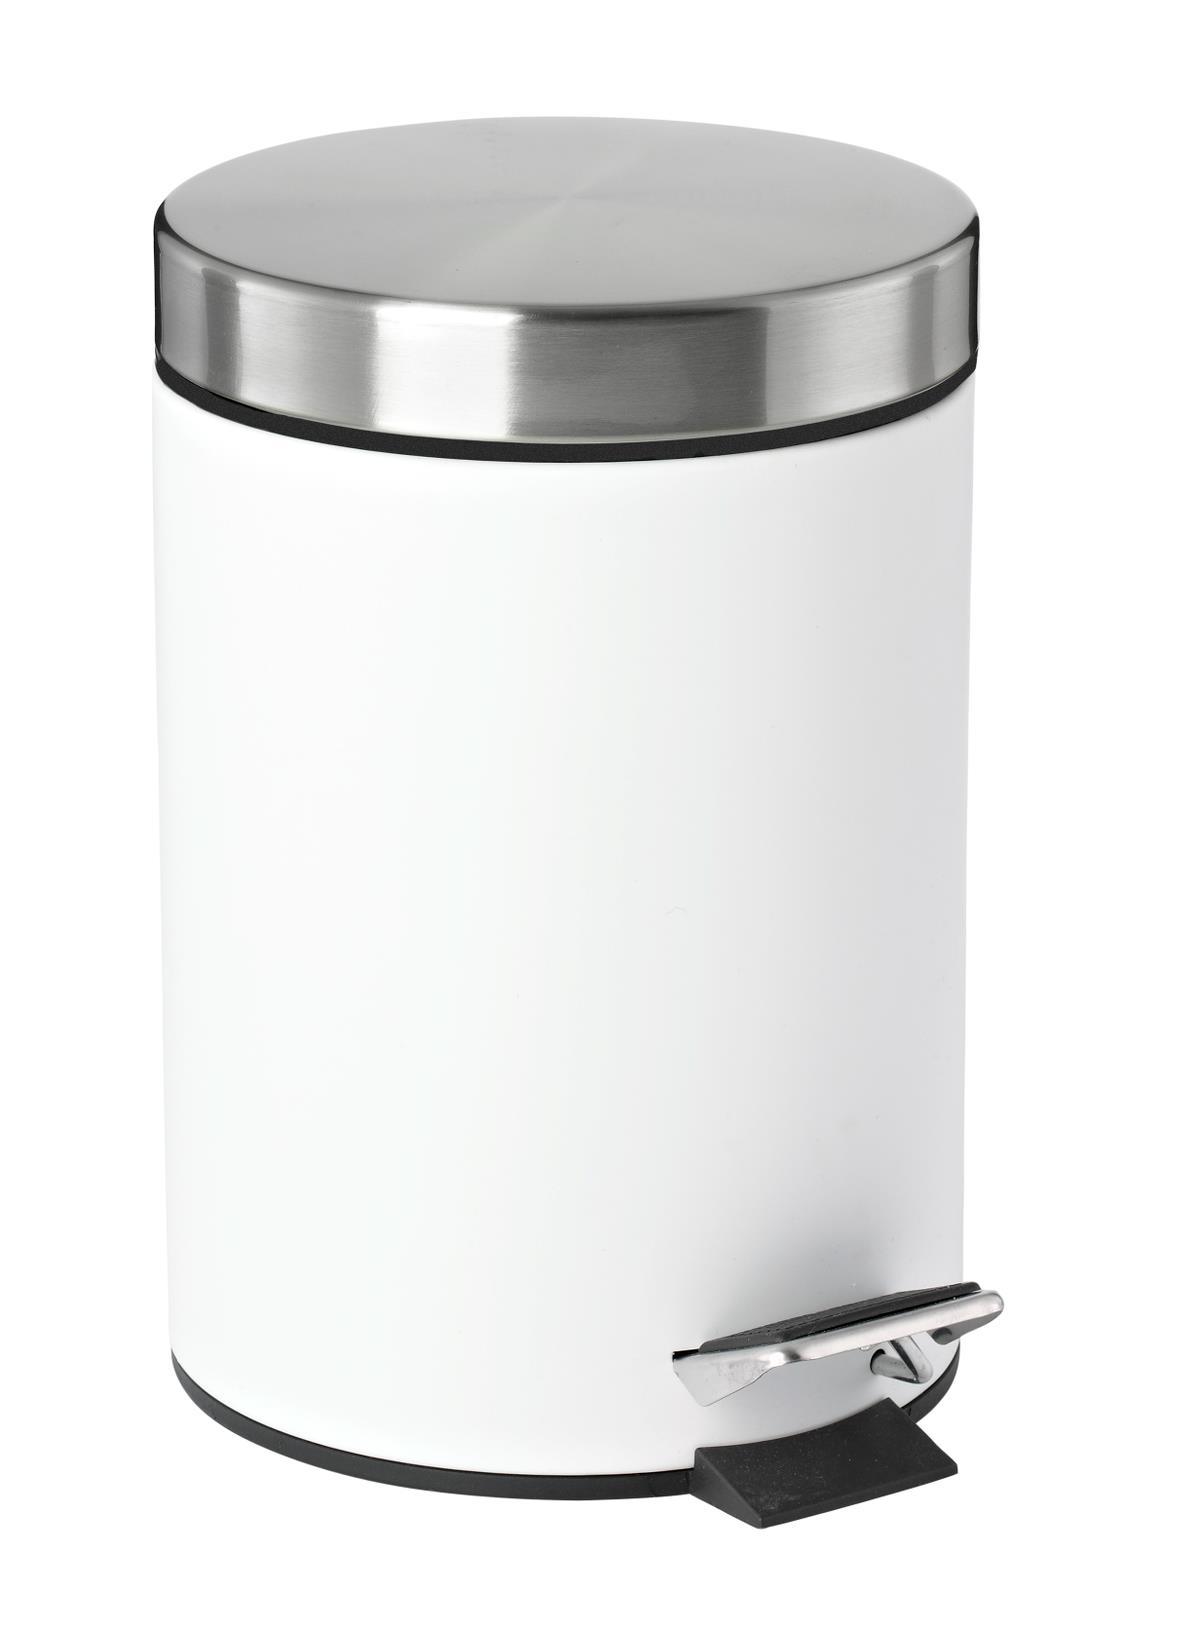 Zone - Confetti Pedal Bin - White (330532)